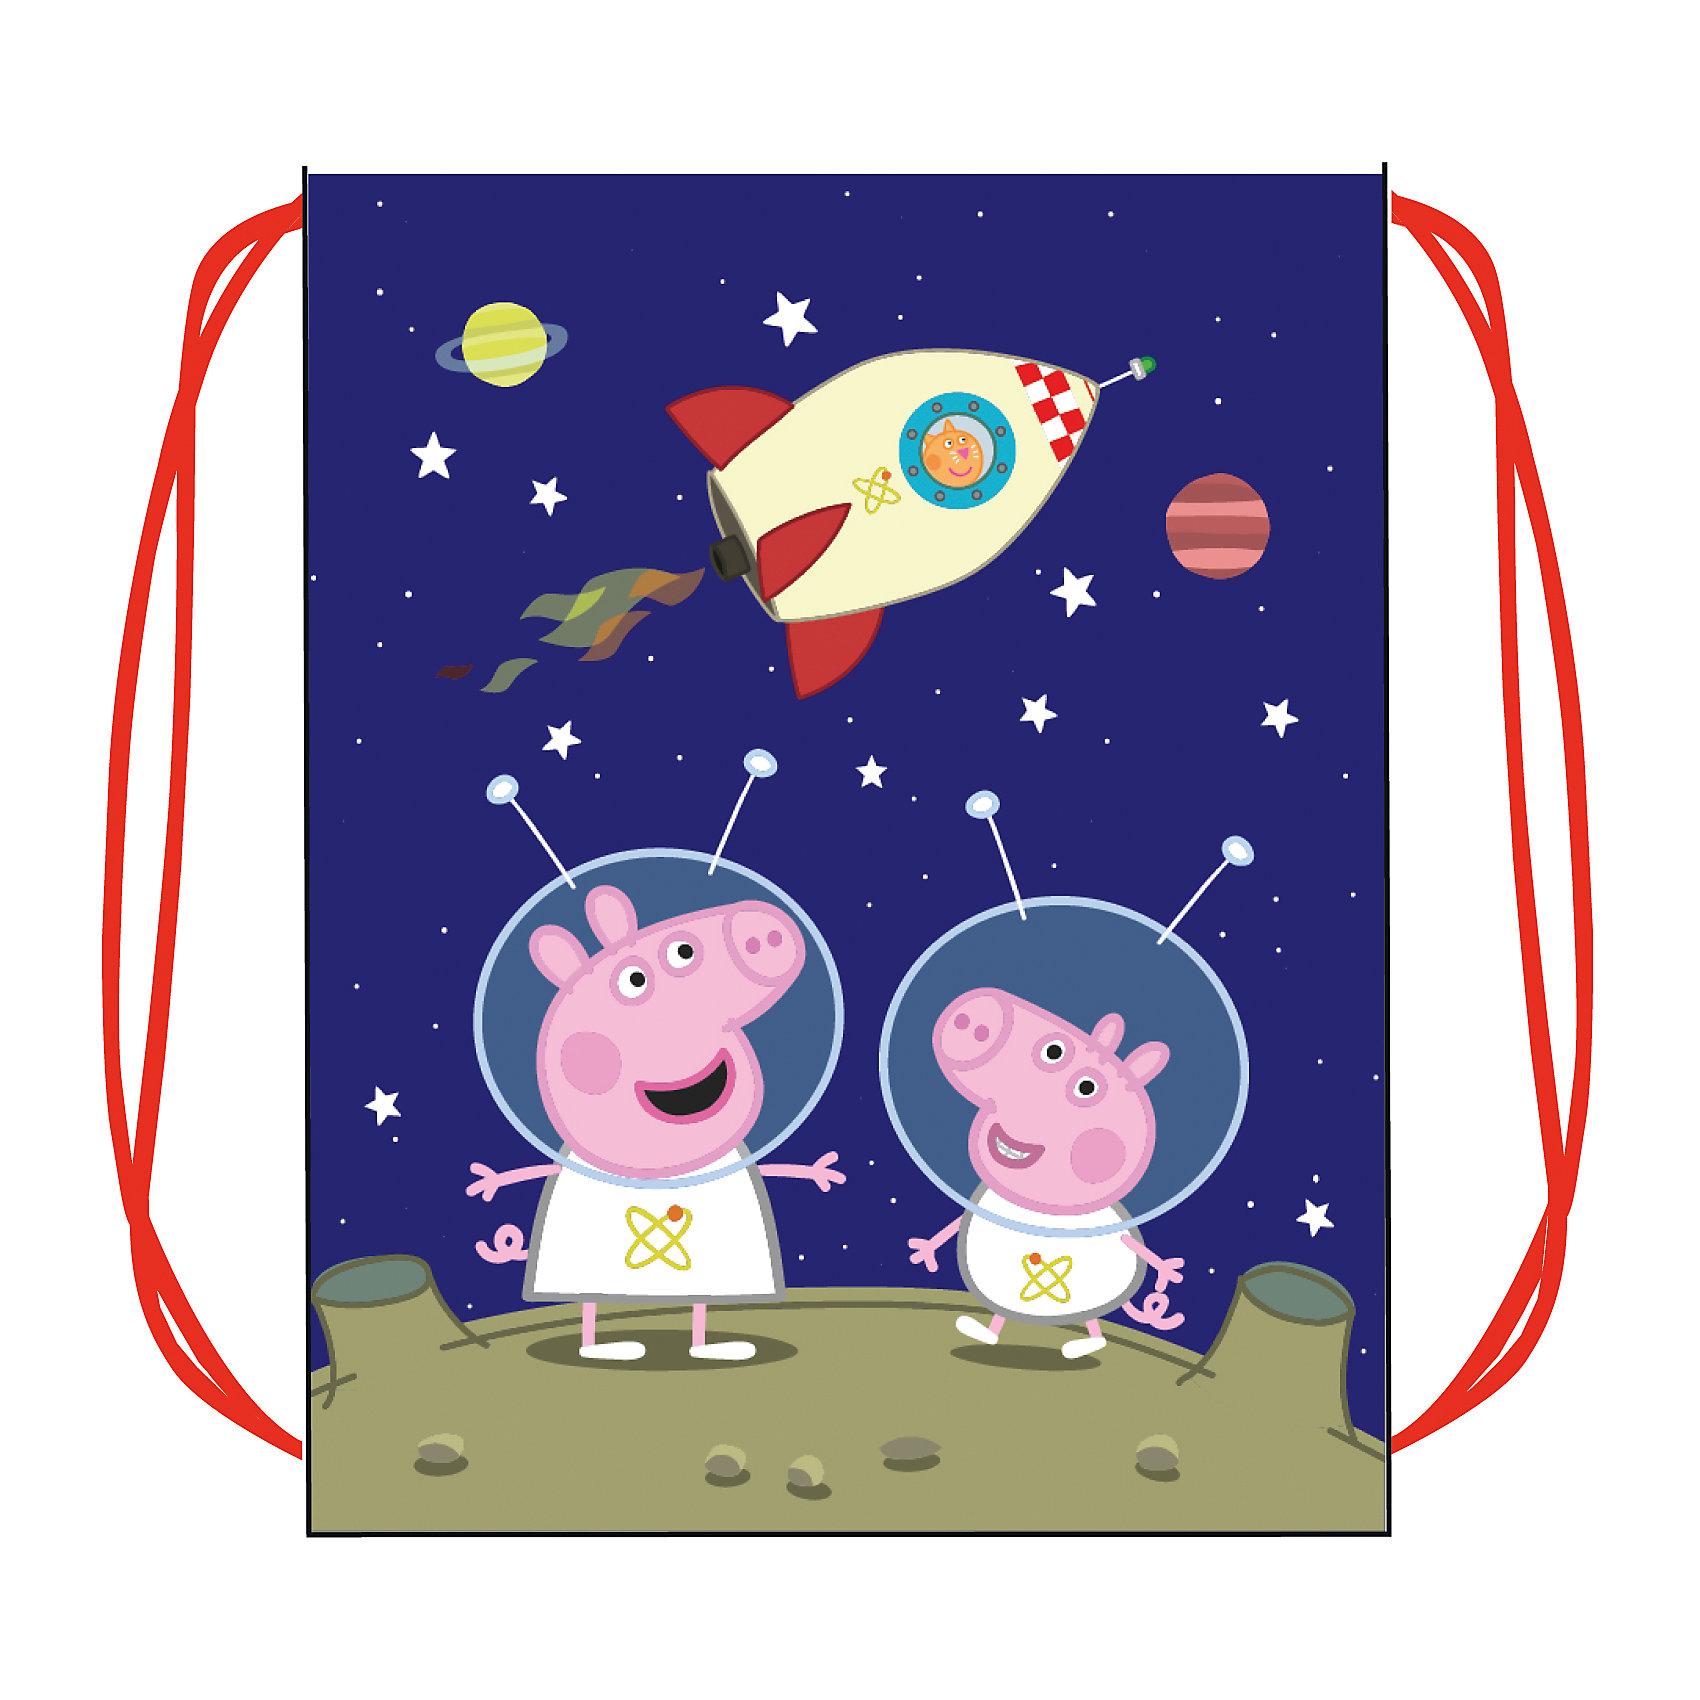 Мешок для обуви Космос, Peppa PigМешок для обуви с изображением космического путешествия Свинки Пеппы и ее братика Джорджа – это красивый и удобный помощник в школе и спорте, который непременно понравится малышу. Вместительный мешок ТМ «Свинка Пеппа» подходит для обуви любого размера и затягивается шнурками, дополнительно выполняющими функцию лямок. Аксессуар изготовлен из износостойкой ткани, имеет длительный срок службы и декорирован красочным принтом. Размер: 46х35см. Материал: полиэстер.<br><br>Ширина мм: 220<br>Глубина мм: 180<br>Высота мм: 50<br>Вес г: 40<br>Возраст от месяцев: 36<br>Возраст до месяцев: 2147483647<br>Пол: Унисекс<br>Возраст: Детский<br>SKU: 5453345